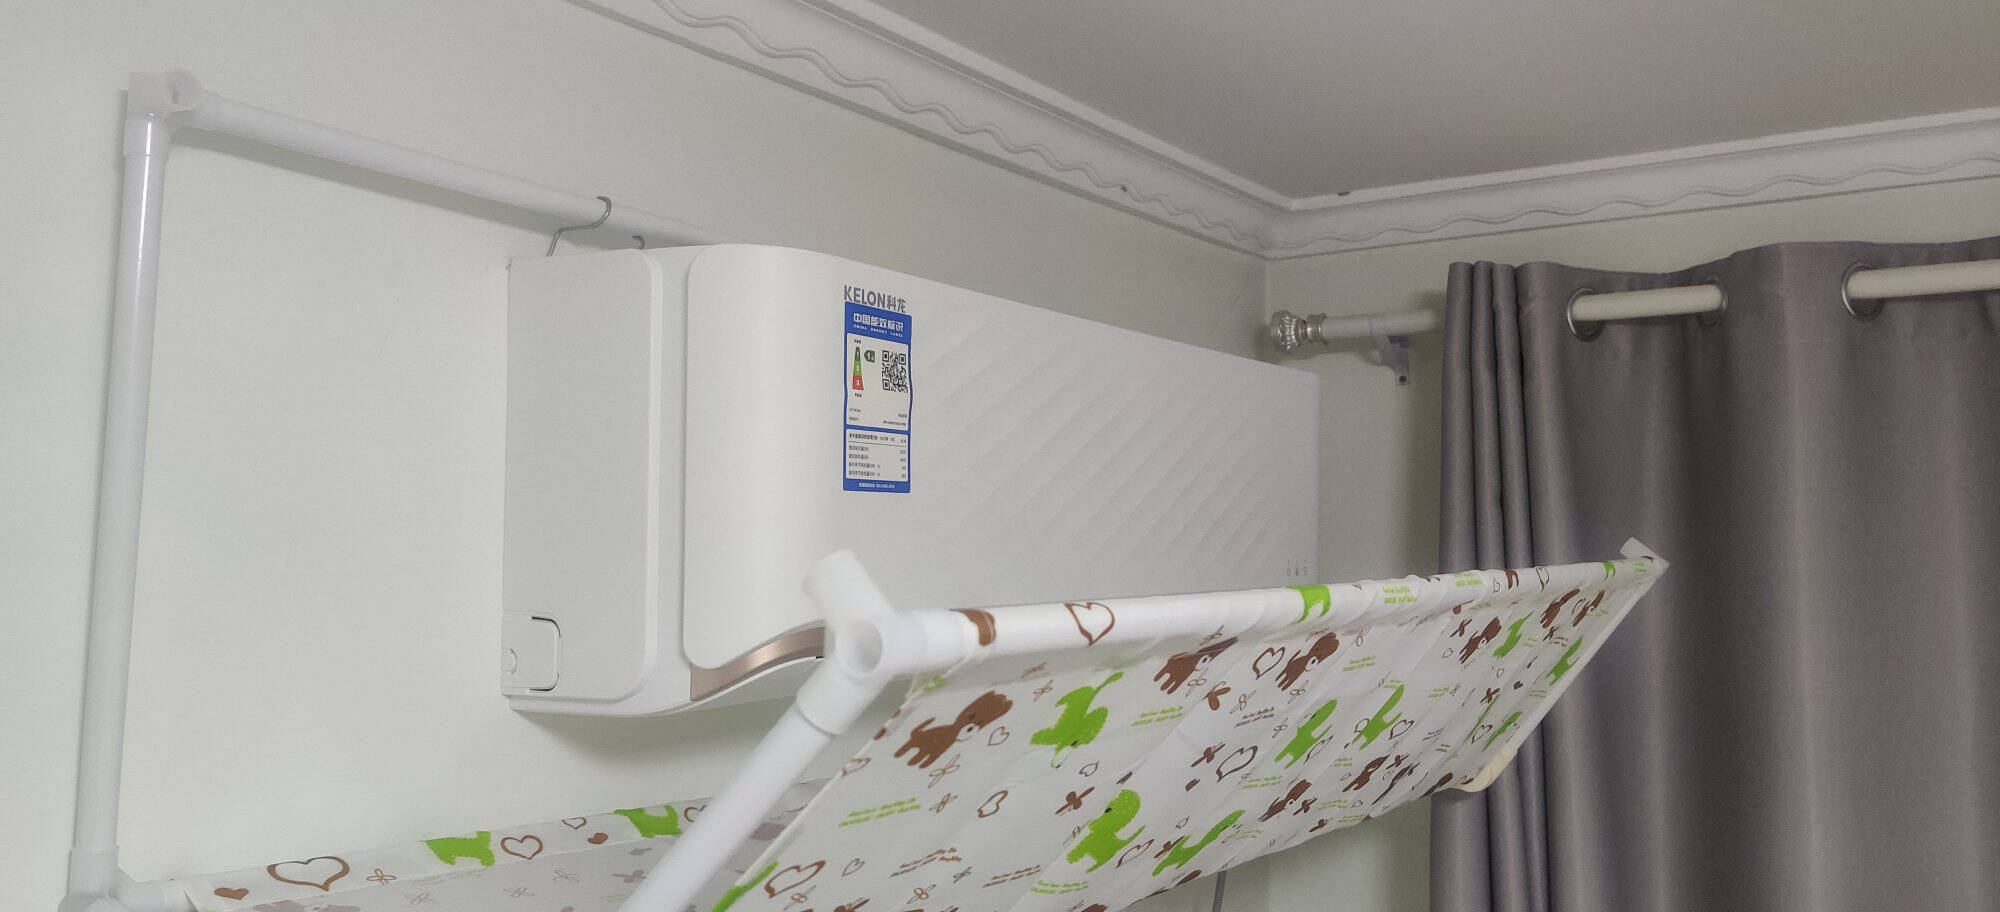 科龙(KELON)大1.5匹/大1匹新一级能效壁挂式冷暖直流变频节能自清洁智能空调柔风感1.5匹KFR-35GW/QFA1